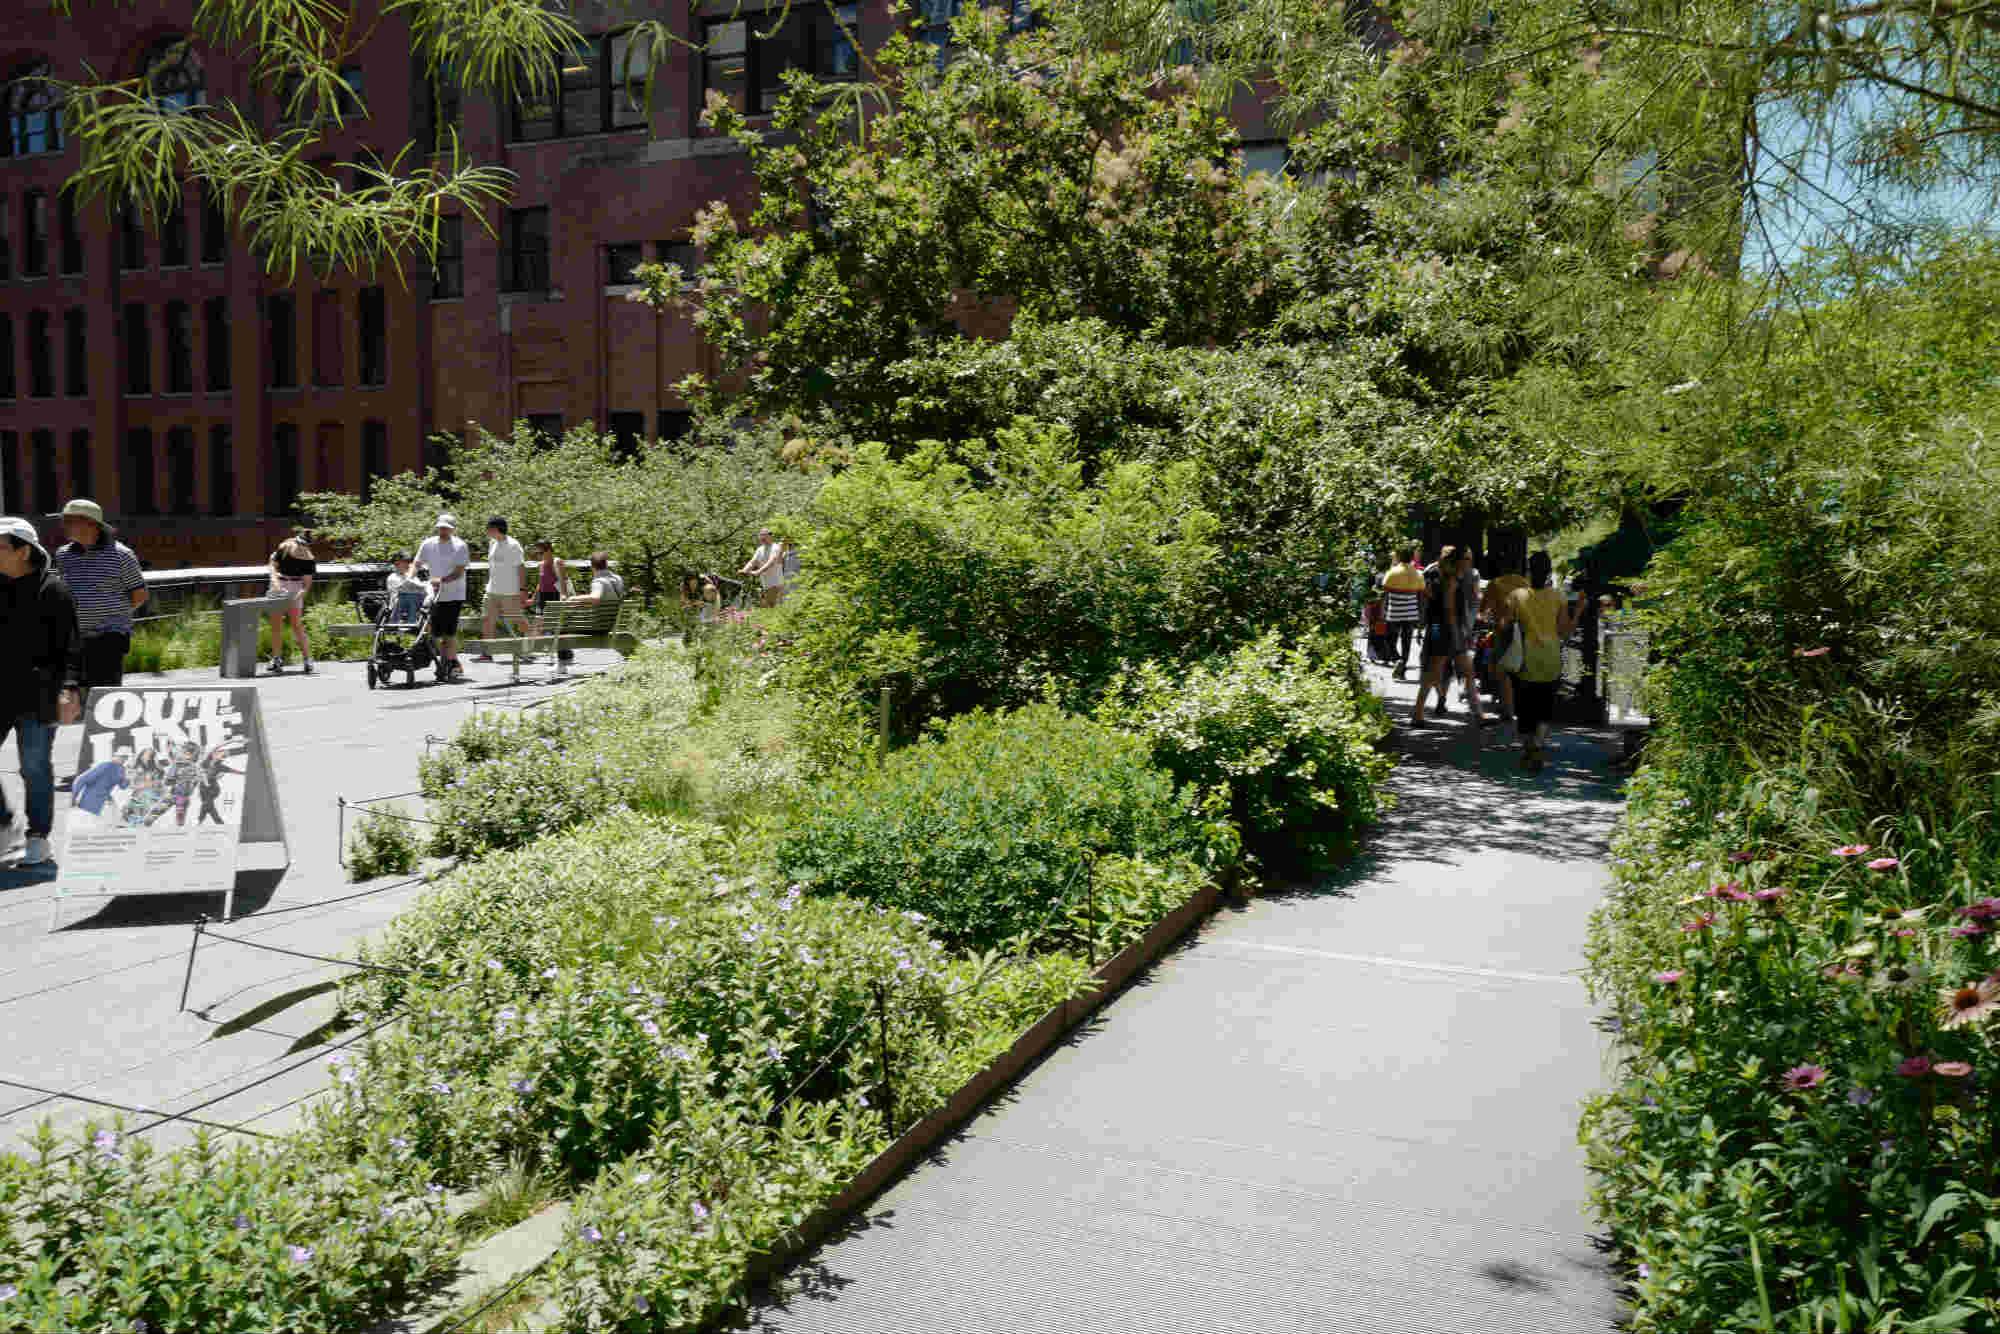 폐 철길을 공원으로 재생한 뉴욕 하이라인 ©김은혜